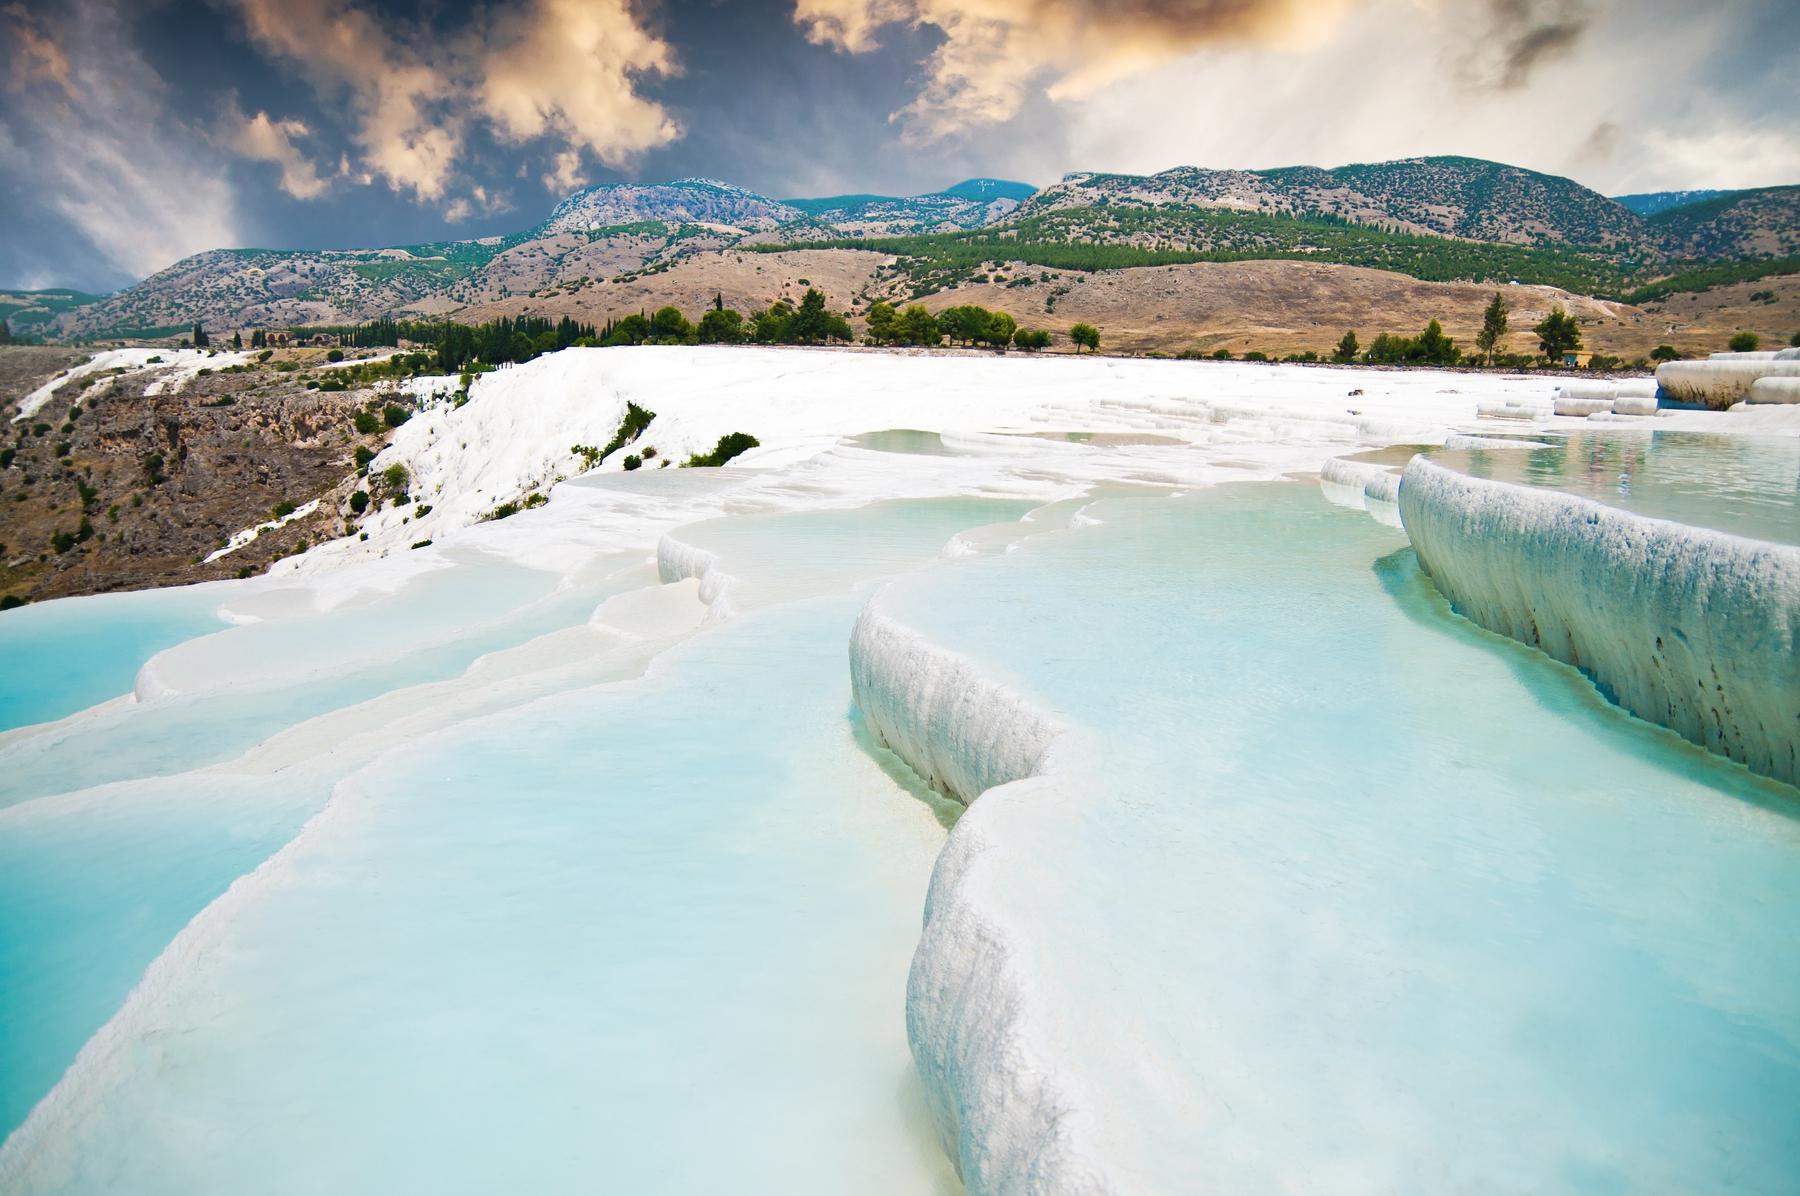 Los 20 lugares más espectaculares del mundo: Pamukkale